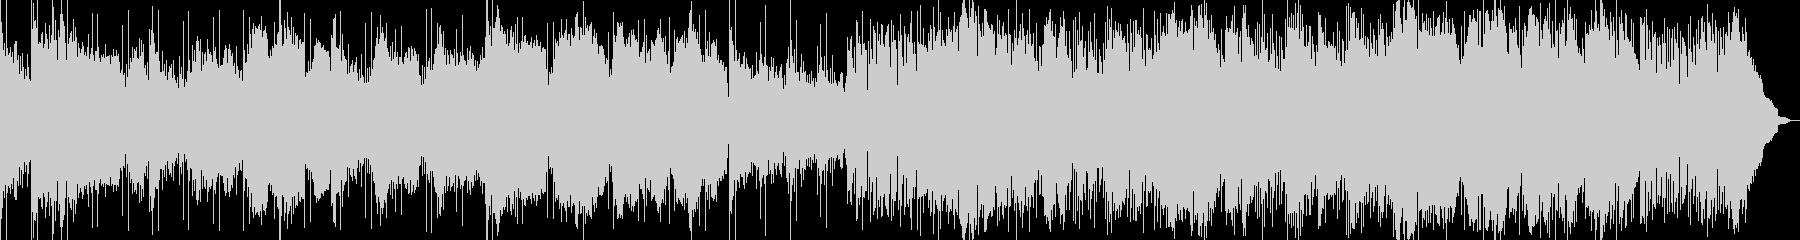 ファンタジーRPGの森のイメージの未再生の波形